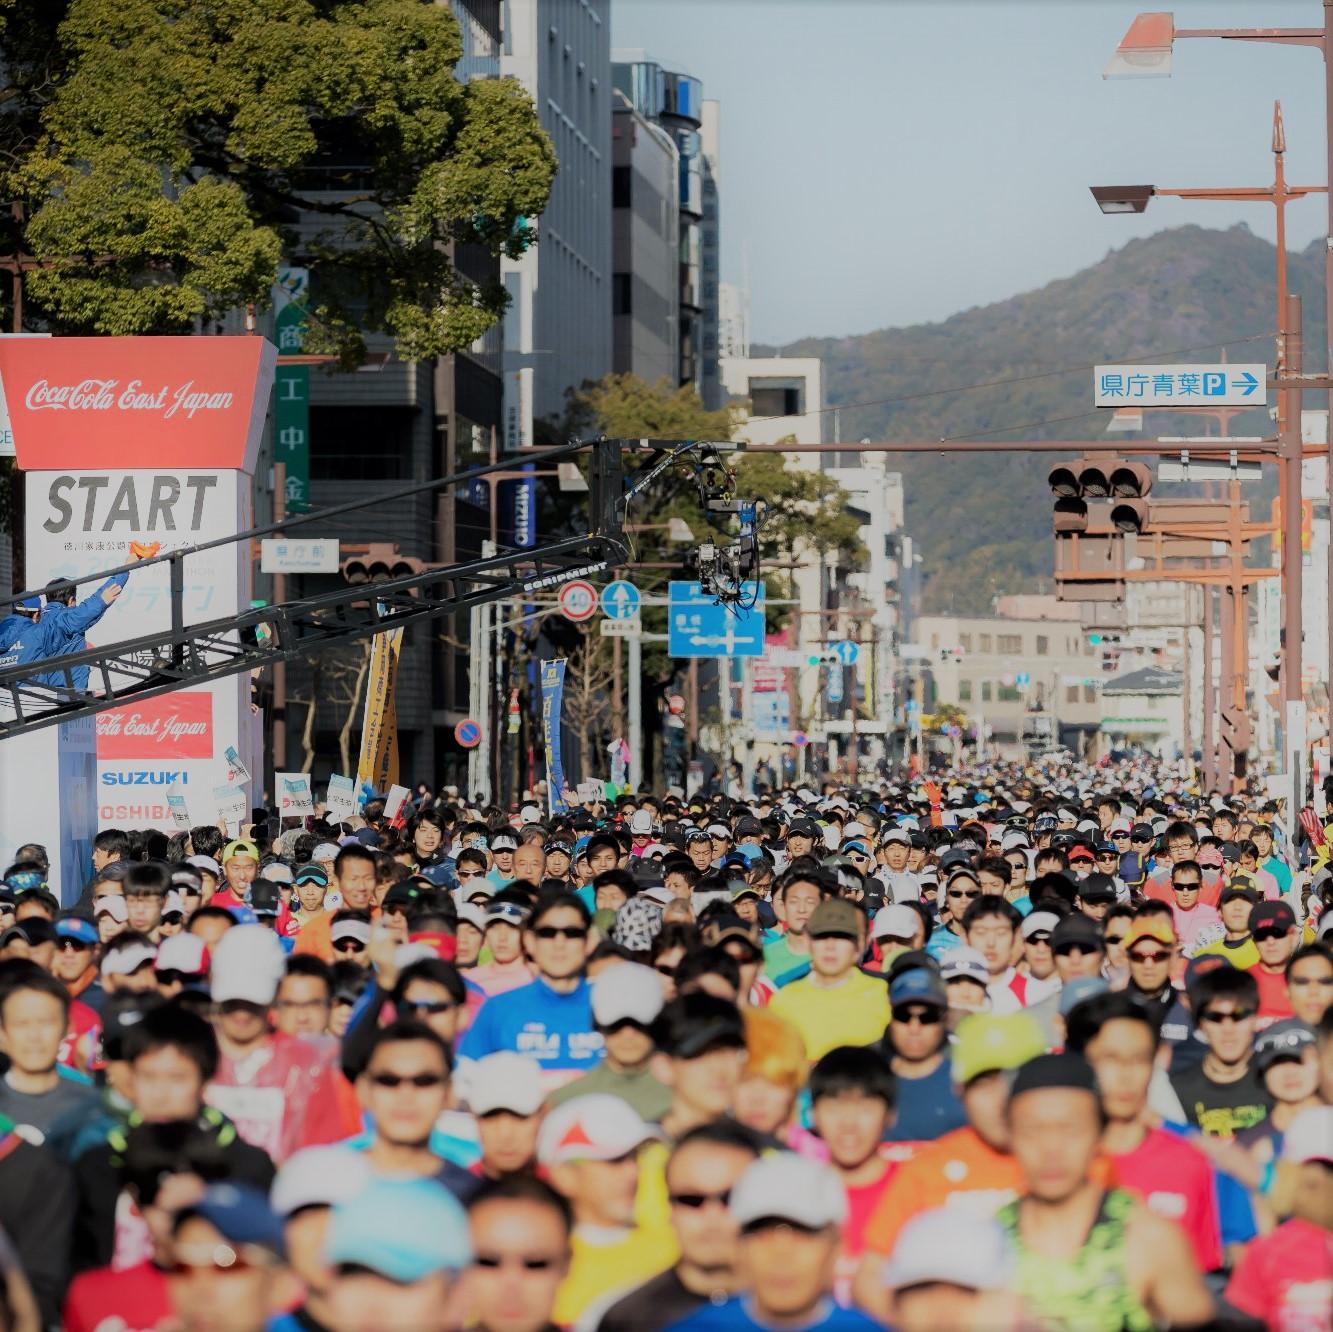 プロから学ぼう!<br>「めざせ静岡マラソンプロジェクト#01」<br>参加申し込み受付開始!